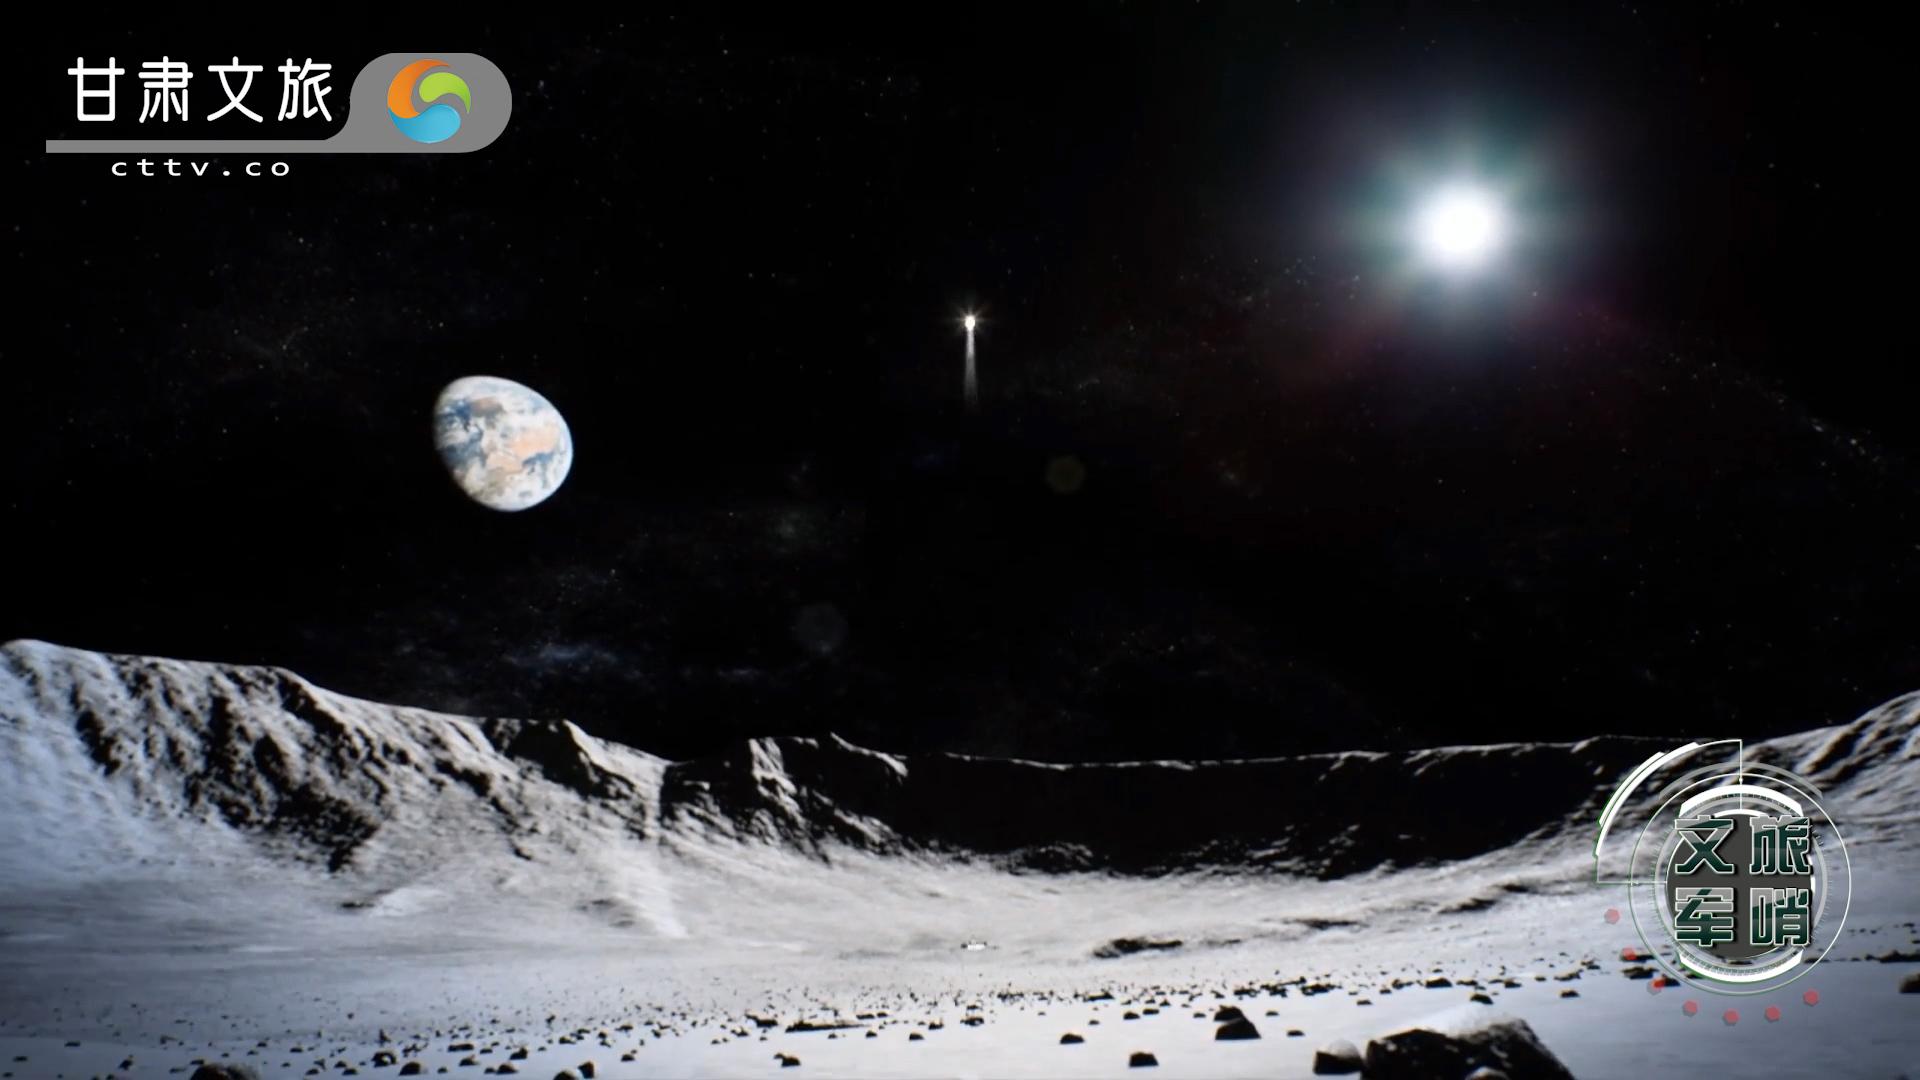 嫦娥五号登月挖土,它的独特之处在哪里?